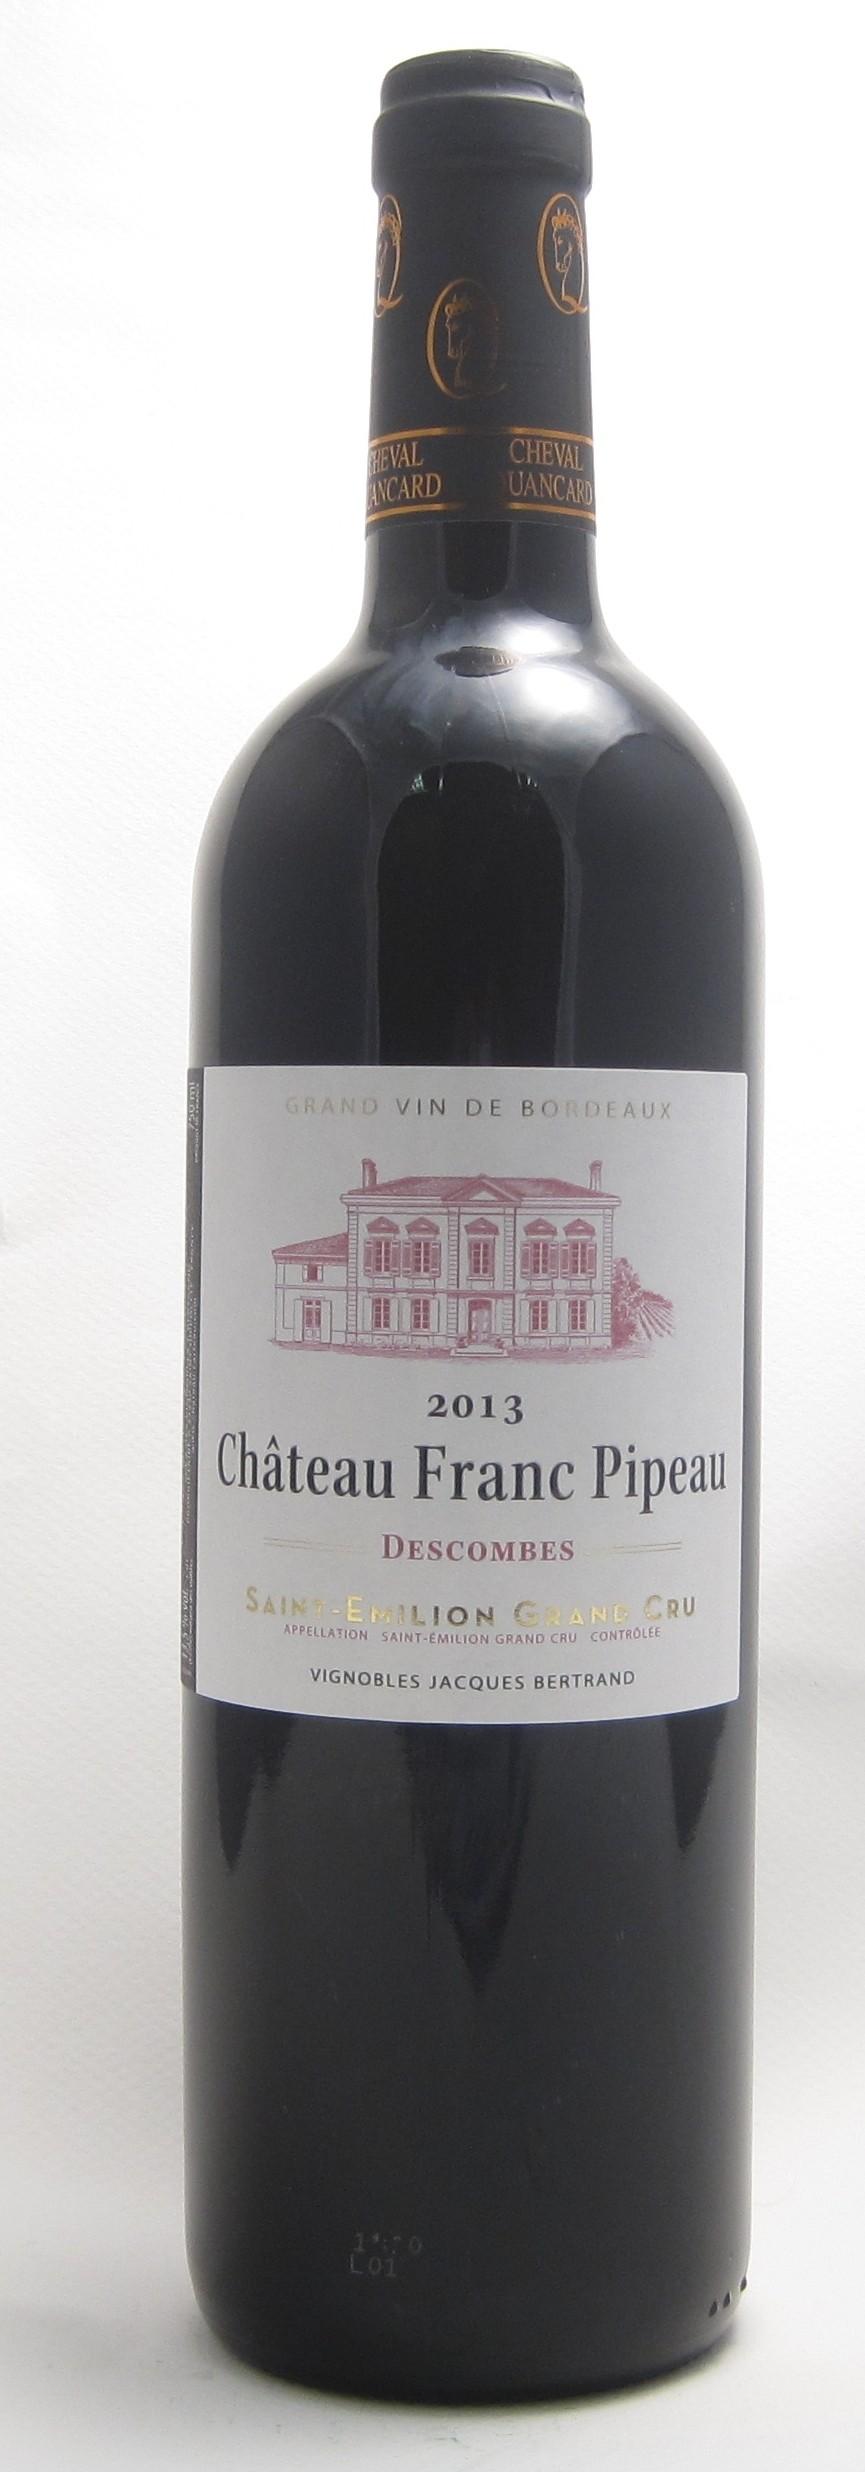 Château Franc Pipeau Saint-Emilion Grand Cru